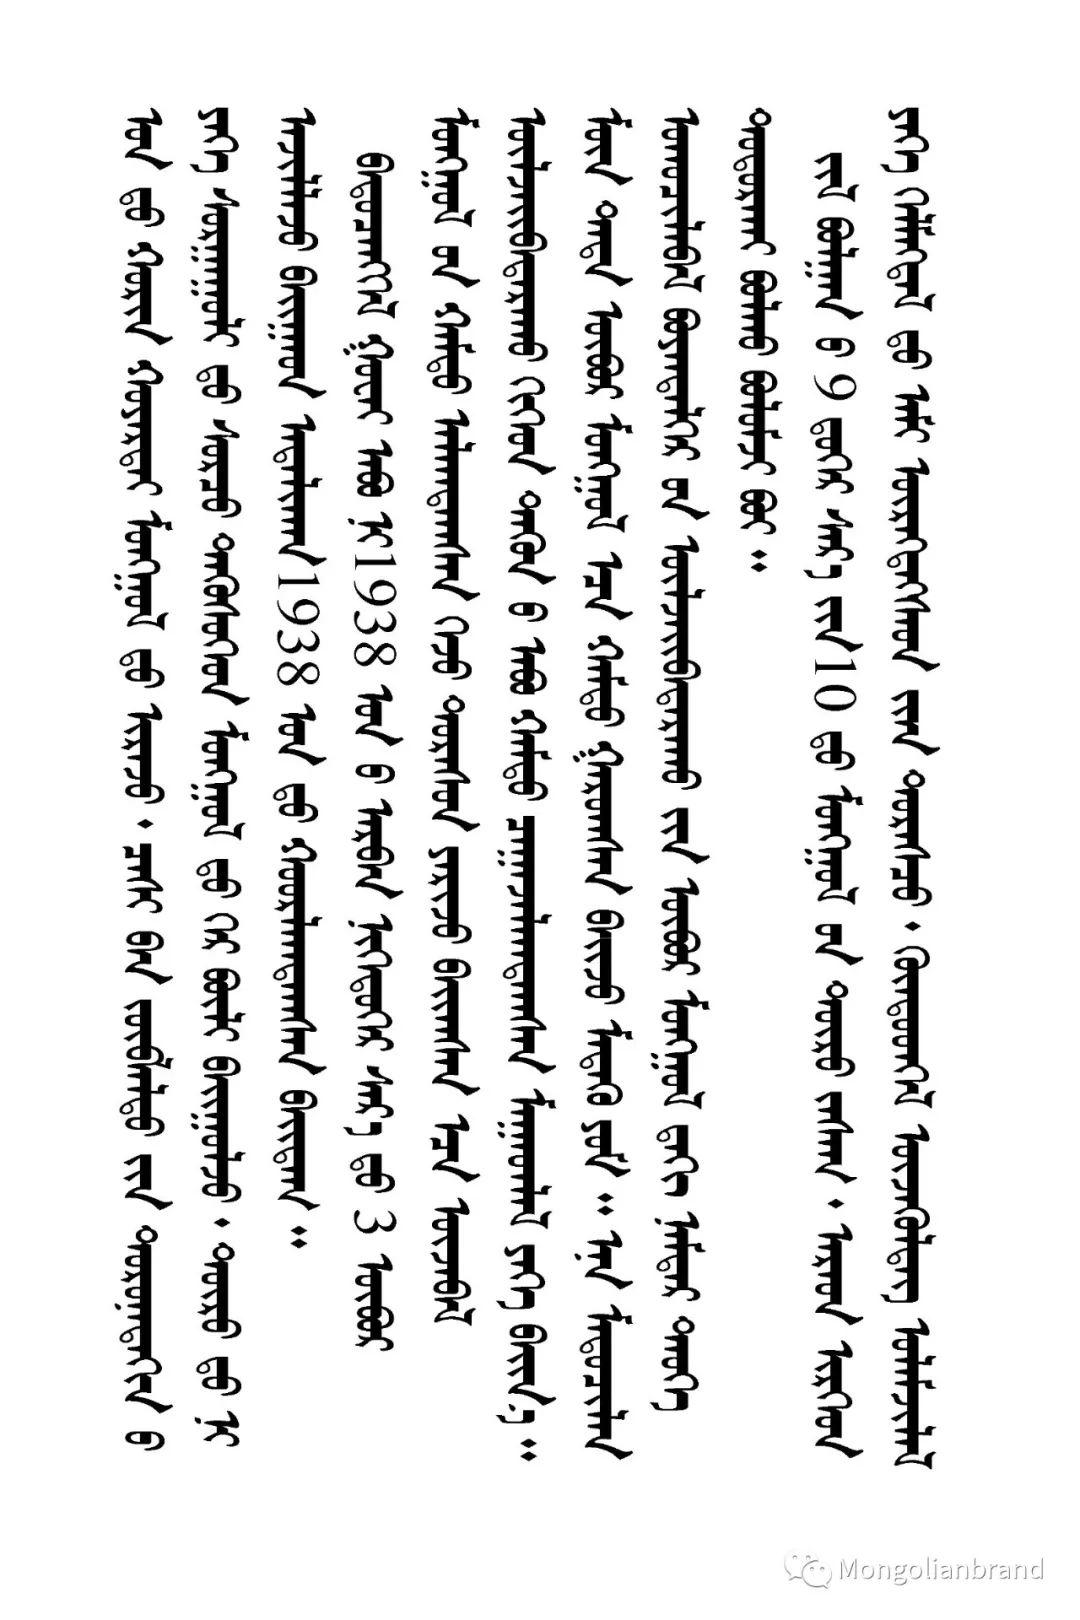 蒙古丨20世纪30年代在蒙古遇害的喀喇沁知识分子乌力吉巴达拉呼 第7张 蒙古丨20世纪30年代在蒙古遇害的喀喇沁知识分子乌力吉巴达拉呼 蒙古文化